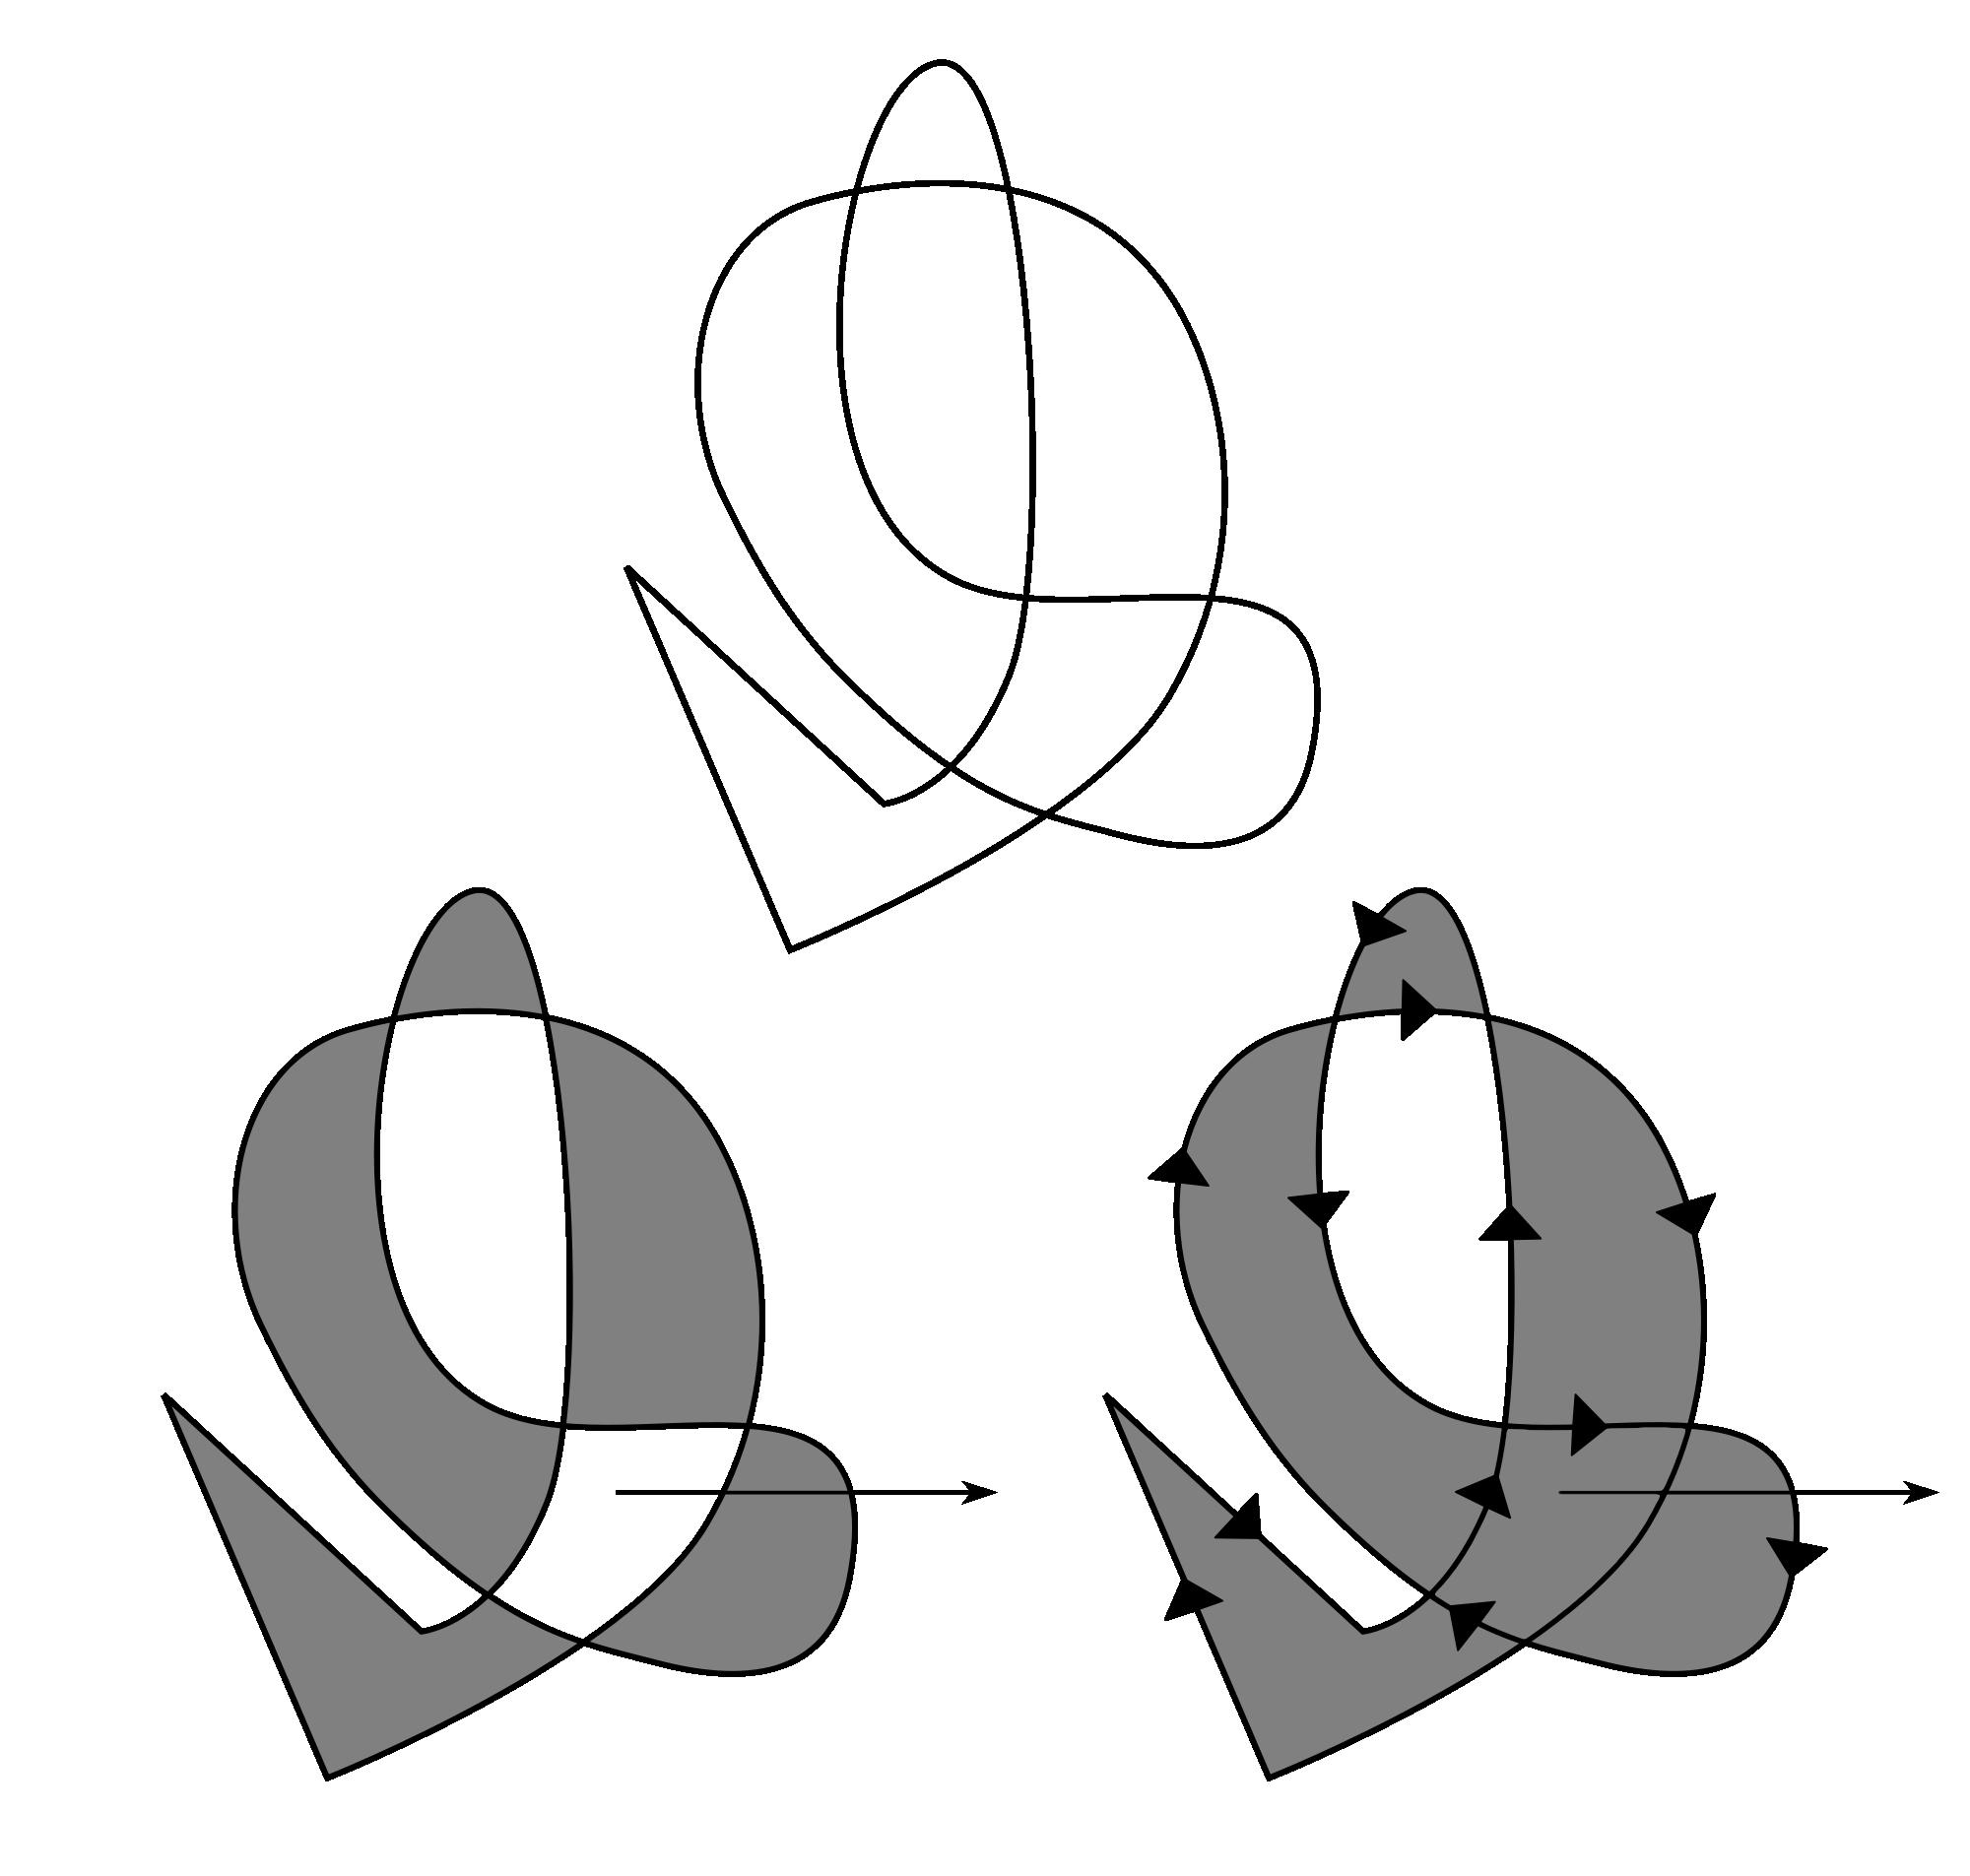 Nonzero-rule - Wikipedia